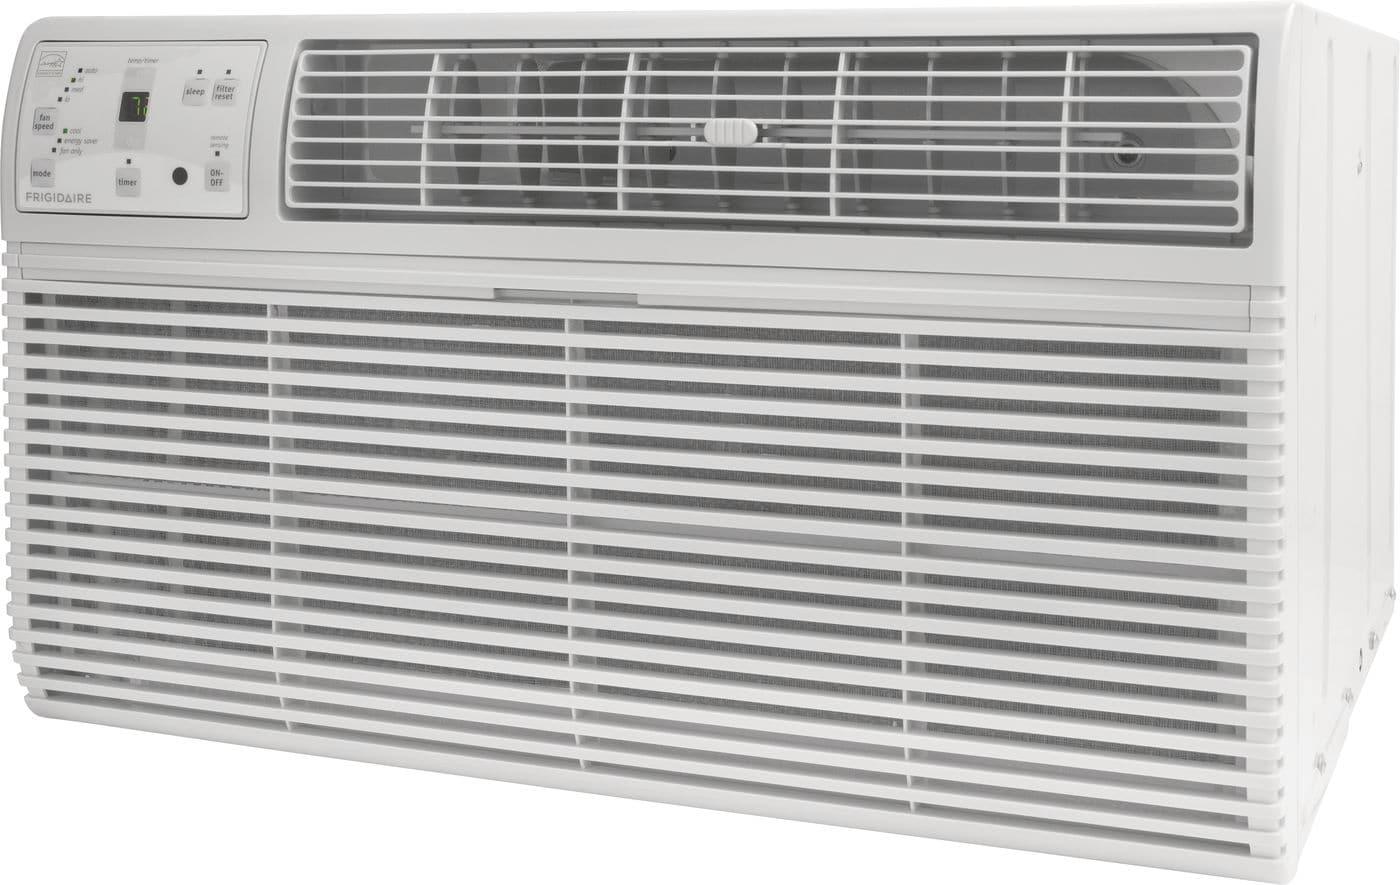 Model: FFTA1233Q2 | Frigidaire 12,000 BTU Built-In Room Air Conditioner